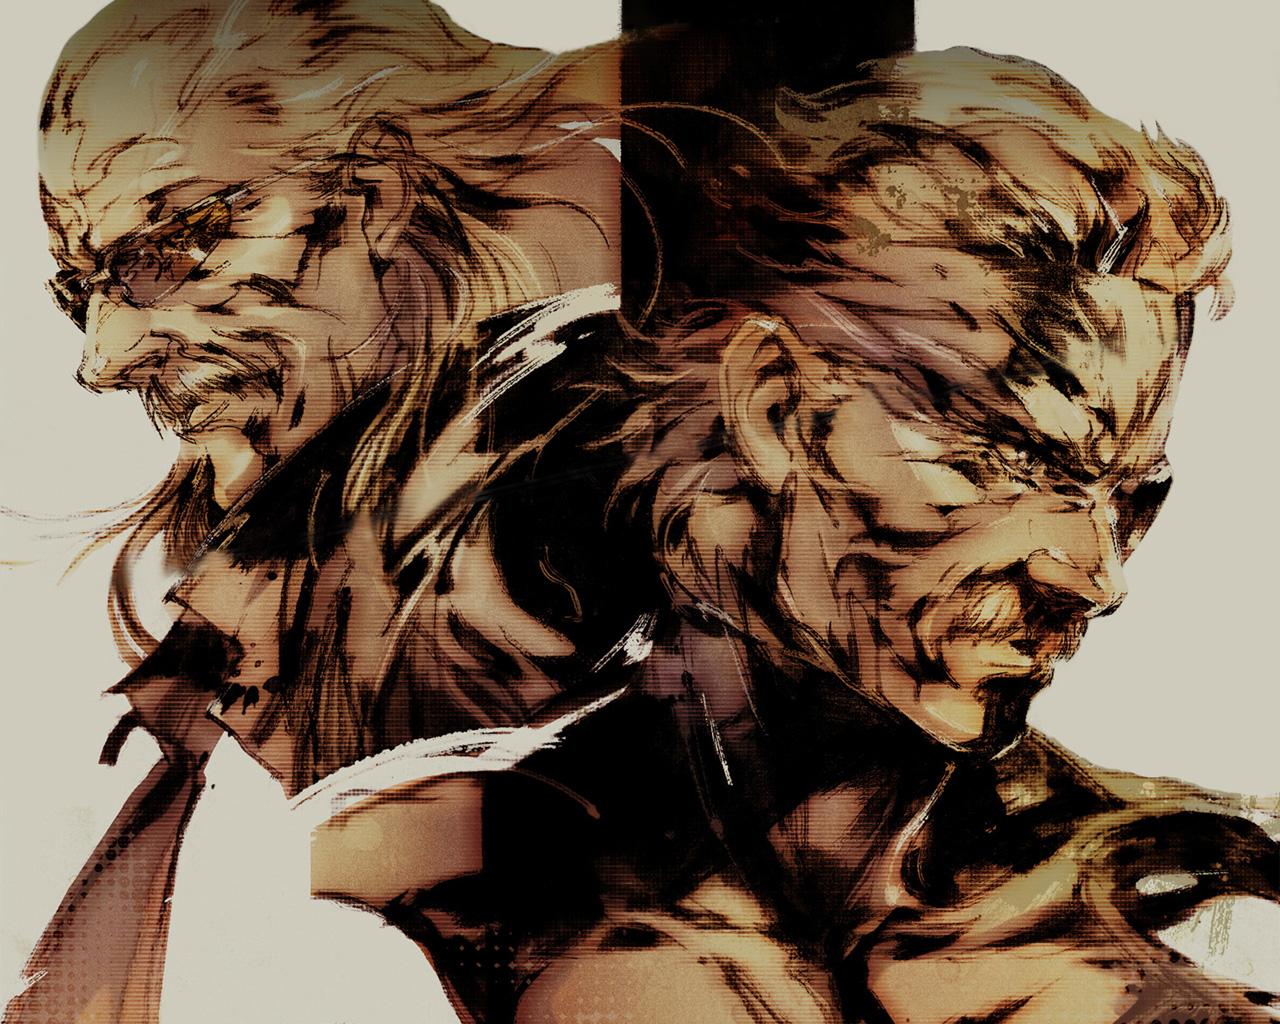 Metal Gear Solid Artwork: GAMING ROCKS ON: Game Art #45: Metal Gear Gallery